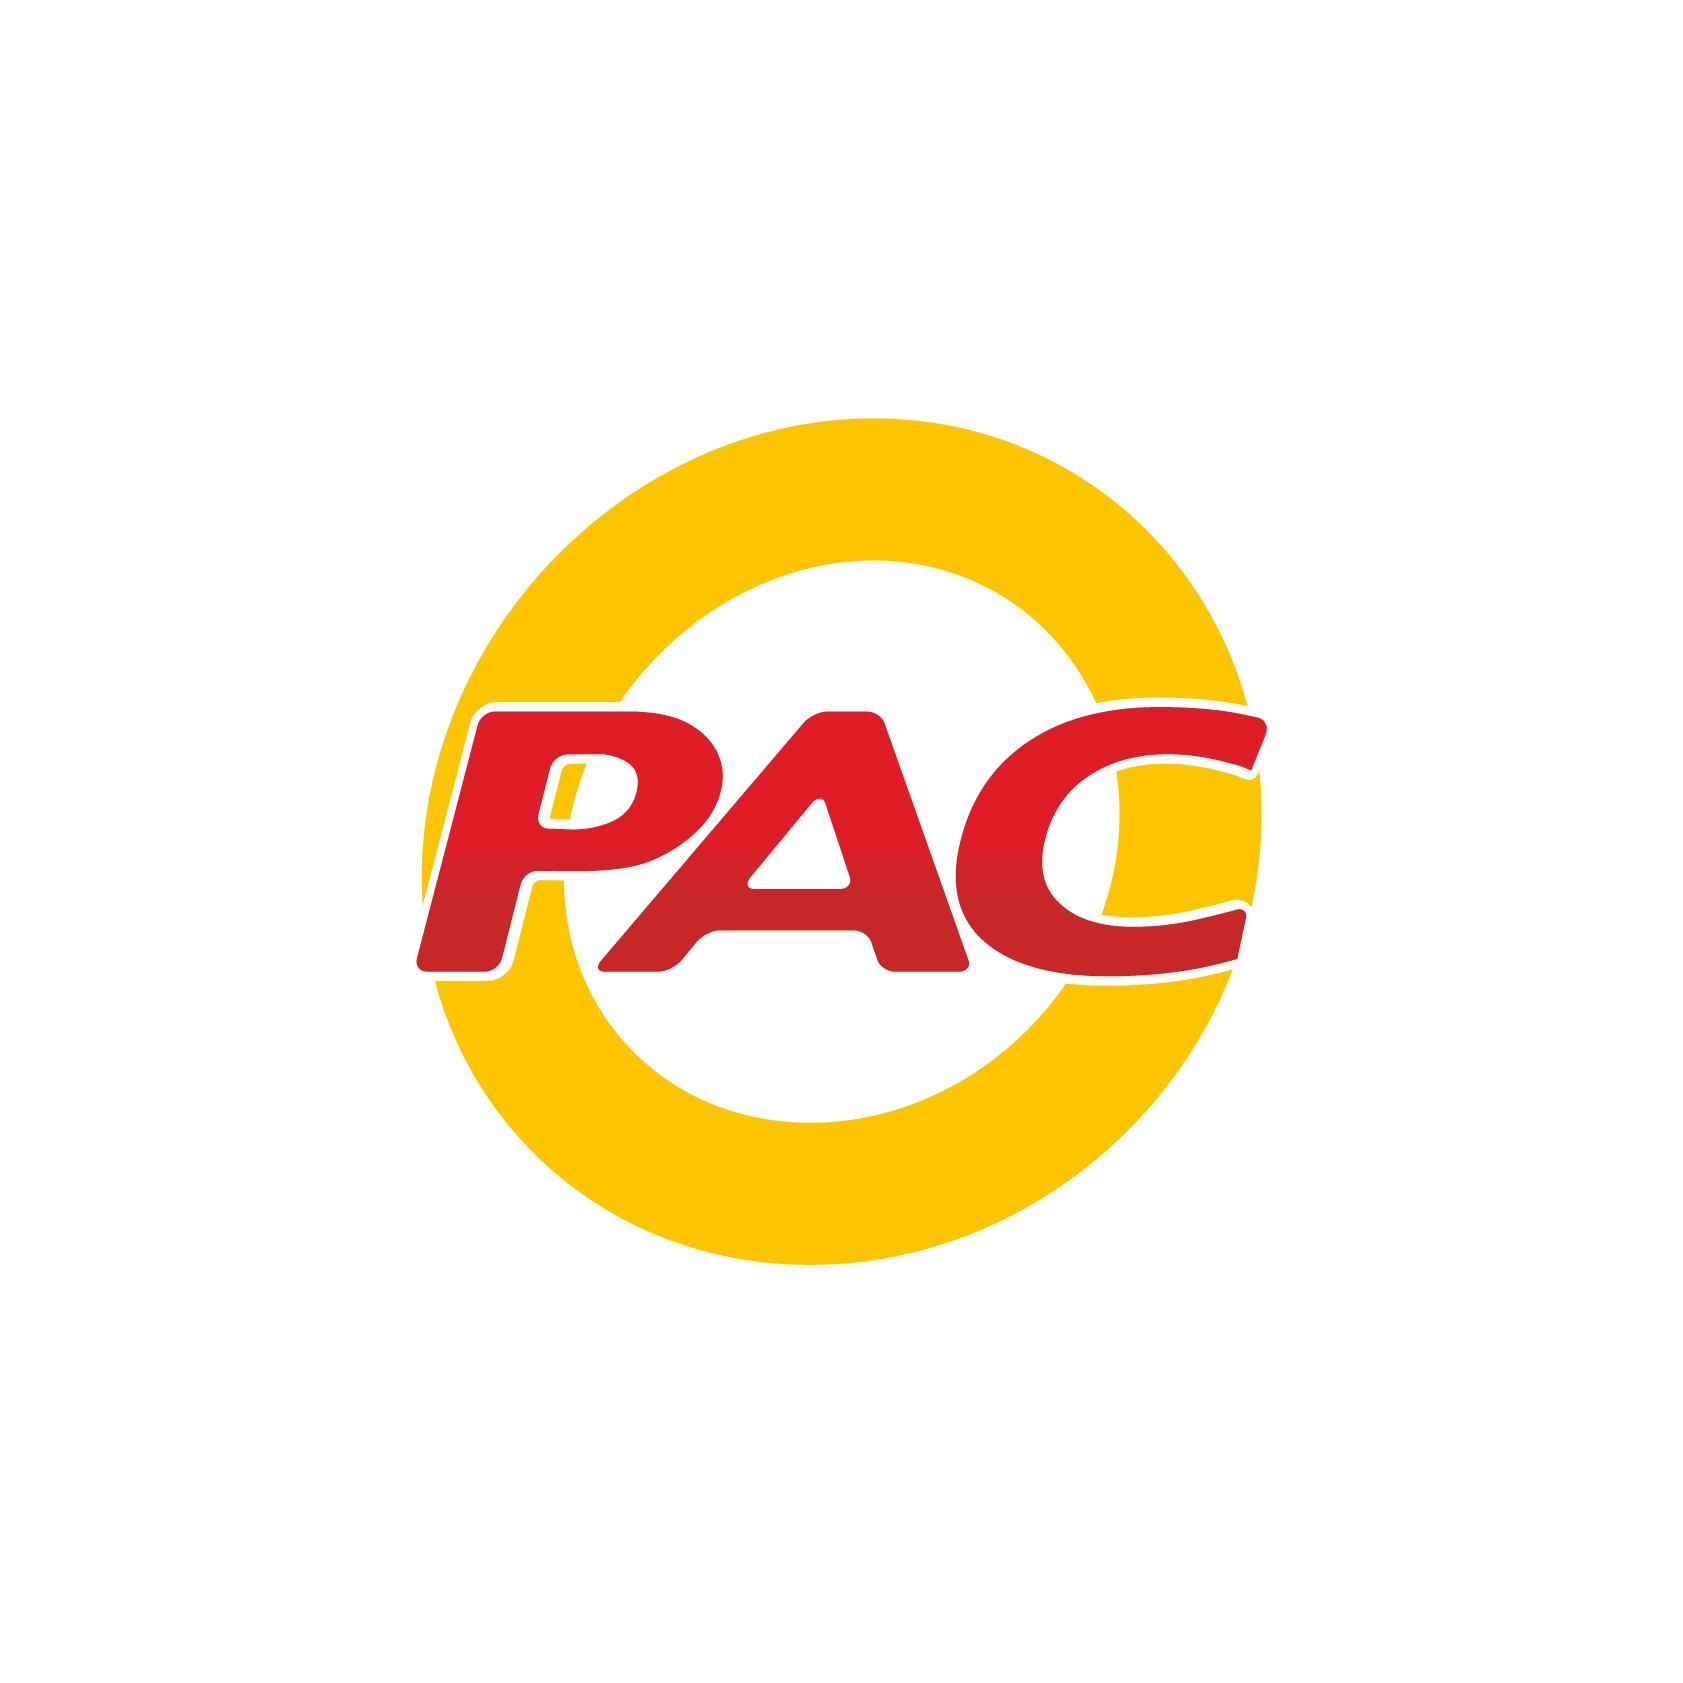 PAC-01